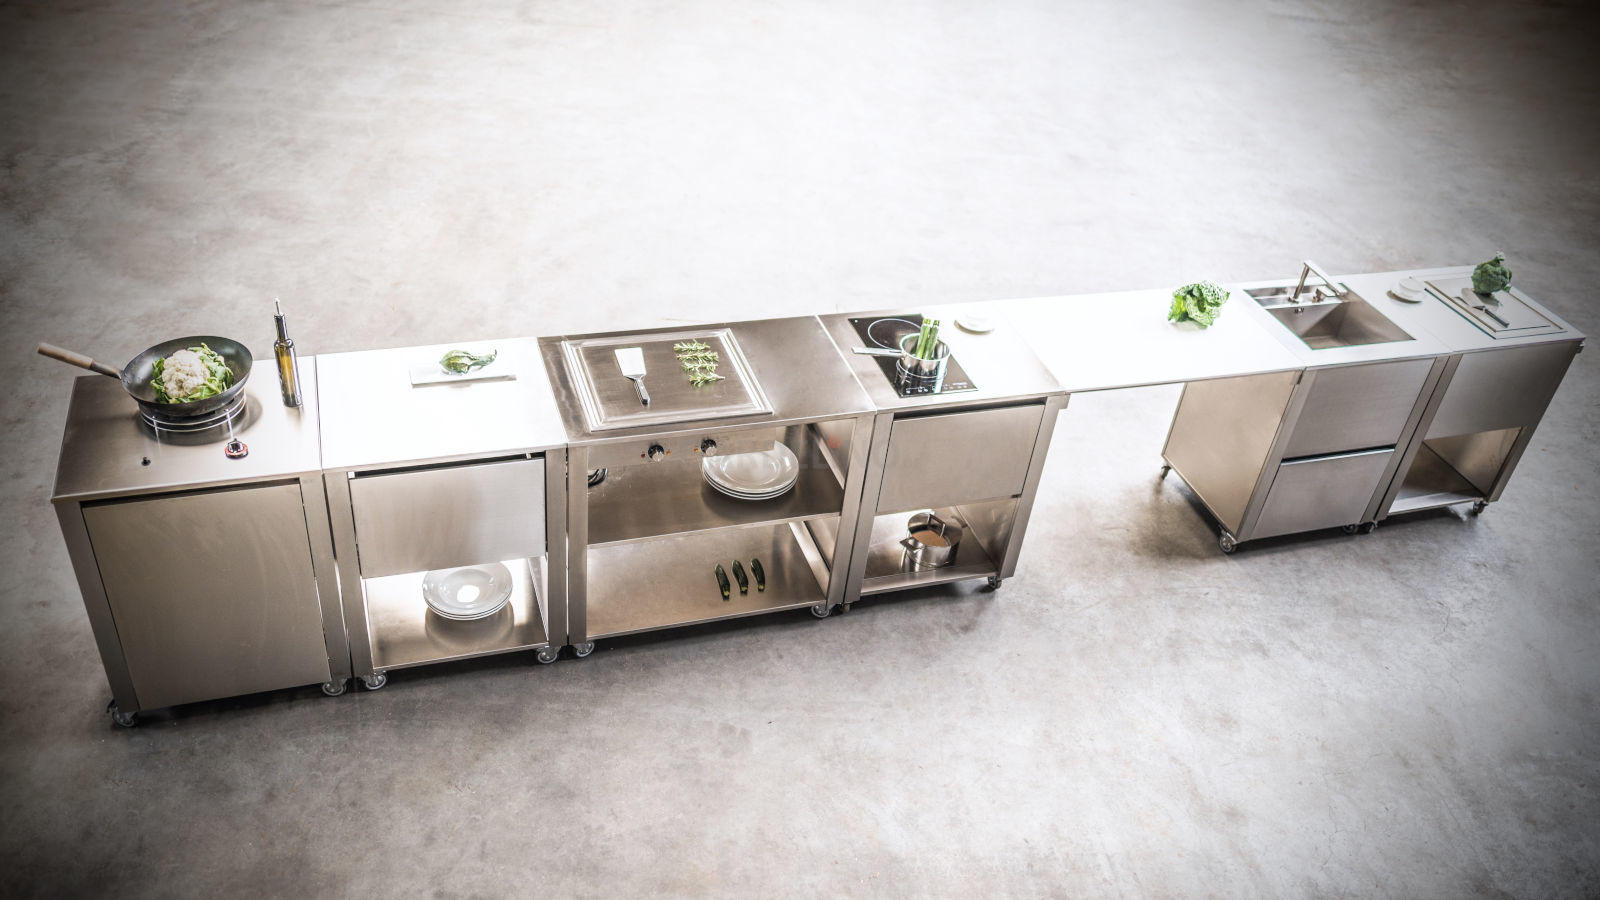 Outdoor Küche Auf Rädern : Mobile outdoorküchen für garten und terrasse